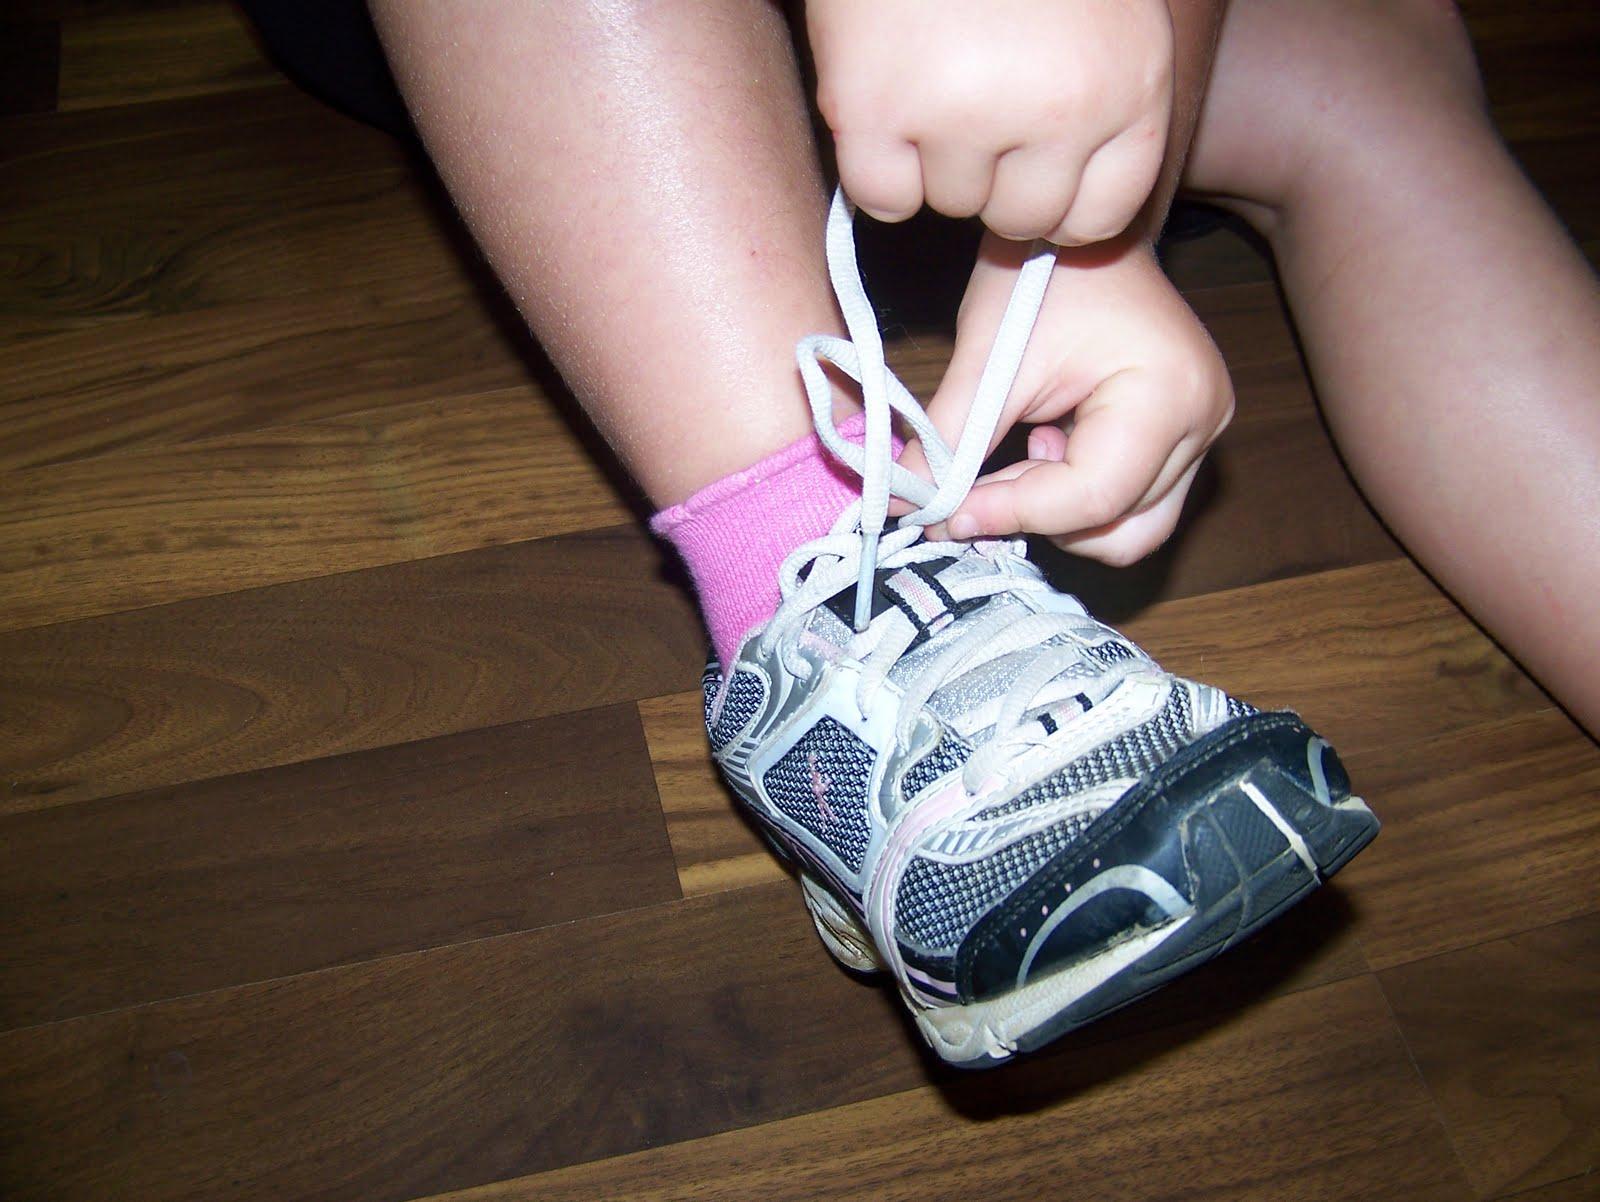 tie my shoe photo - 1